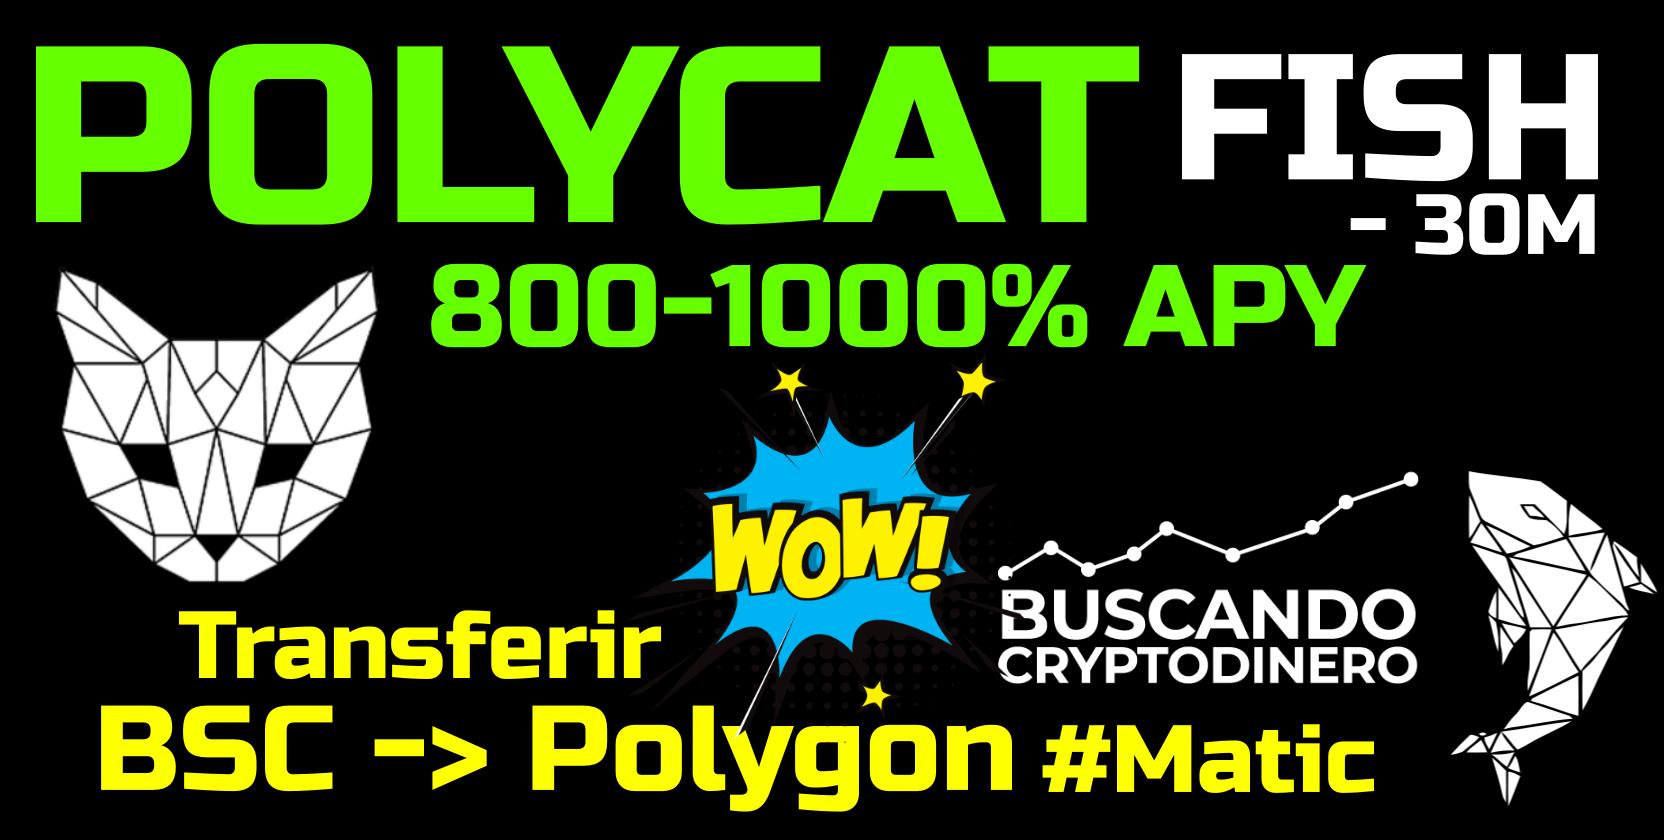 En este momento estás viendo 🔥 POLYCAT 800% APY ➤ POLYGON #matic ¿Como transferir desde BSC a Polygon? Y ganar de forma pasiva!!!